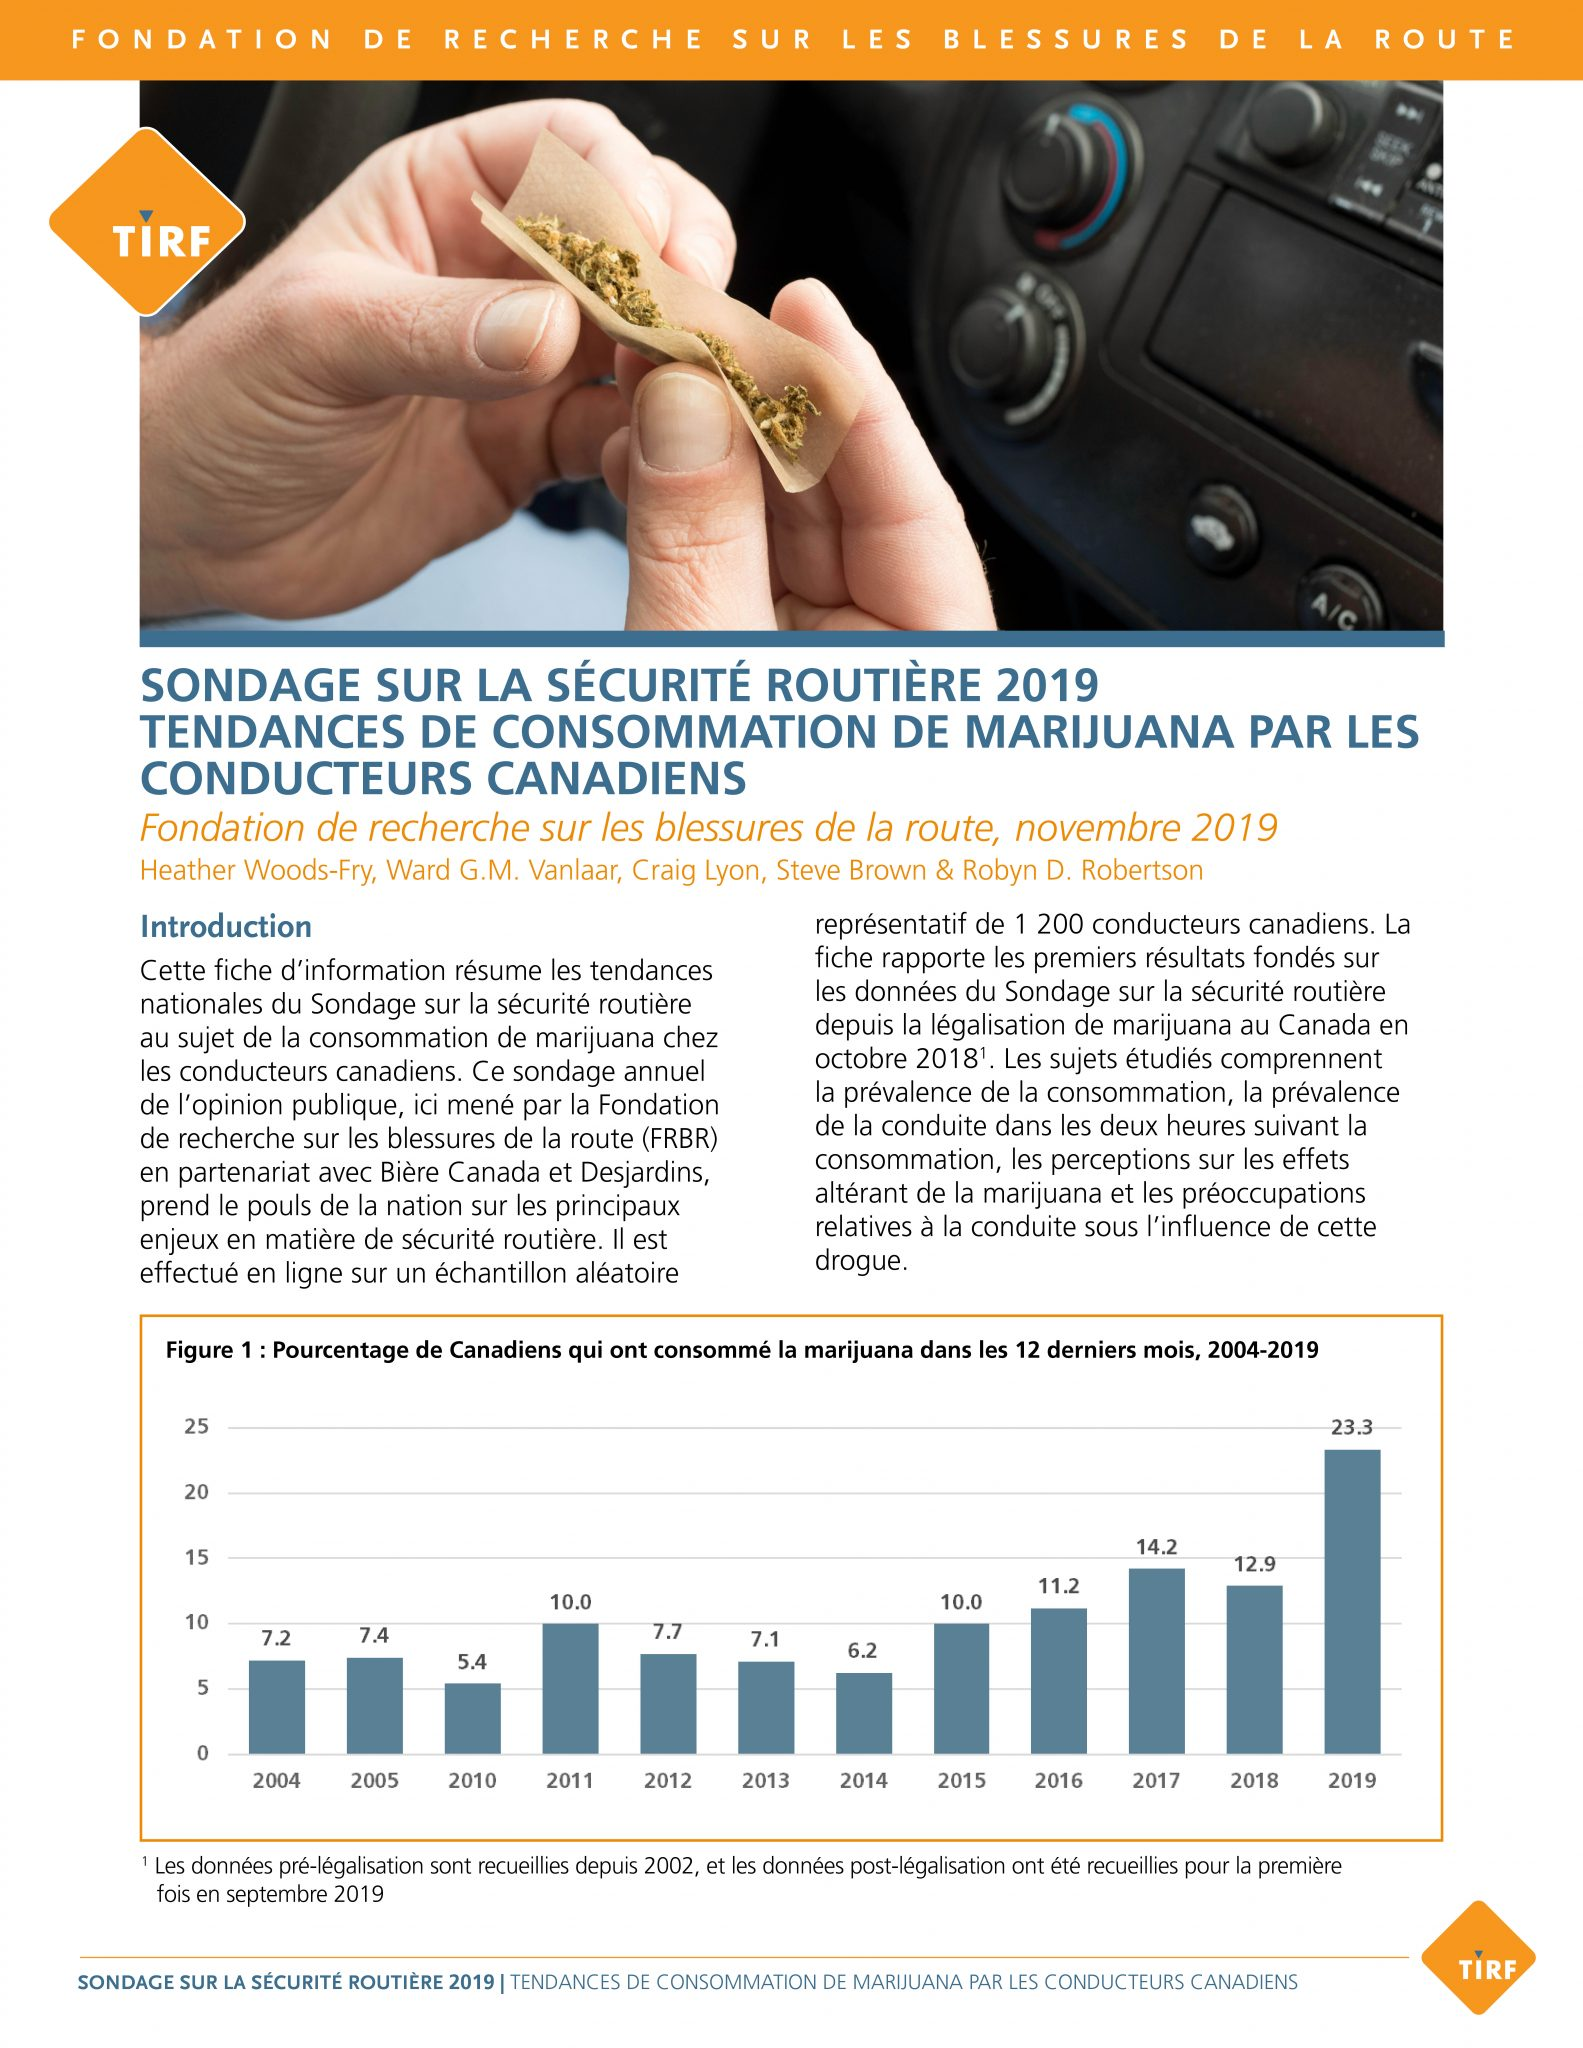 Sondage sur la sécurité routière 2019 : Tendances de consommation de marijuana par les conducteurs Canadiens